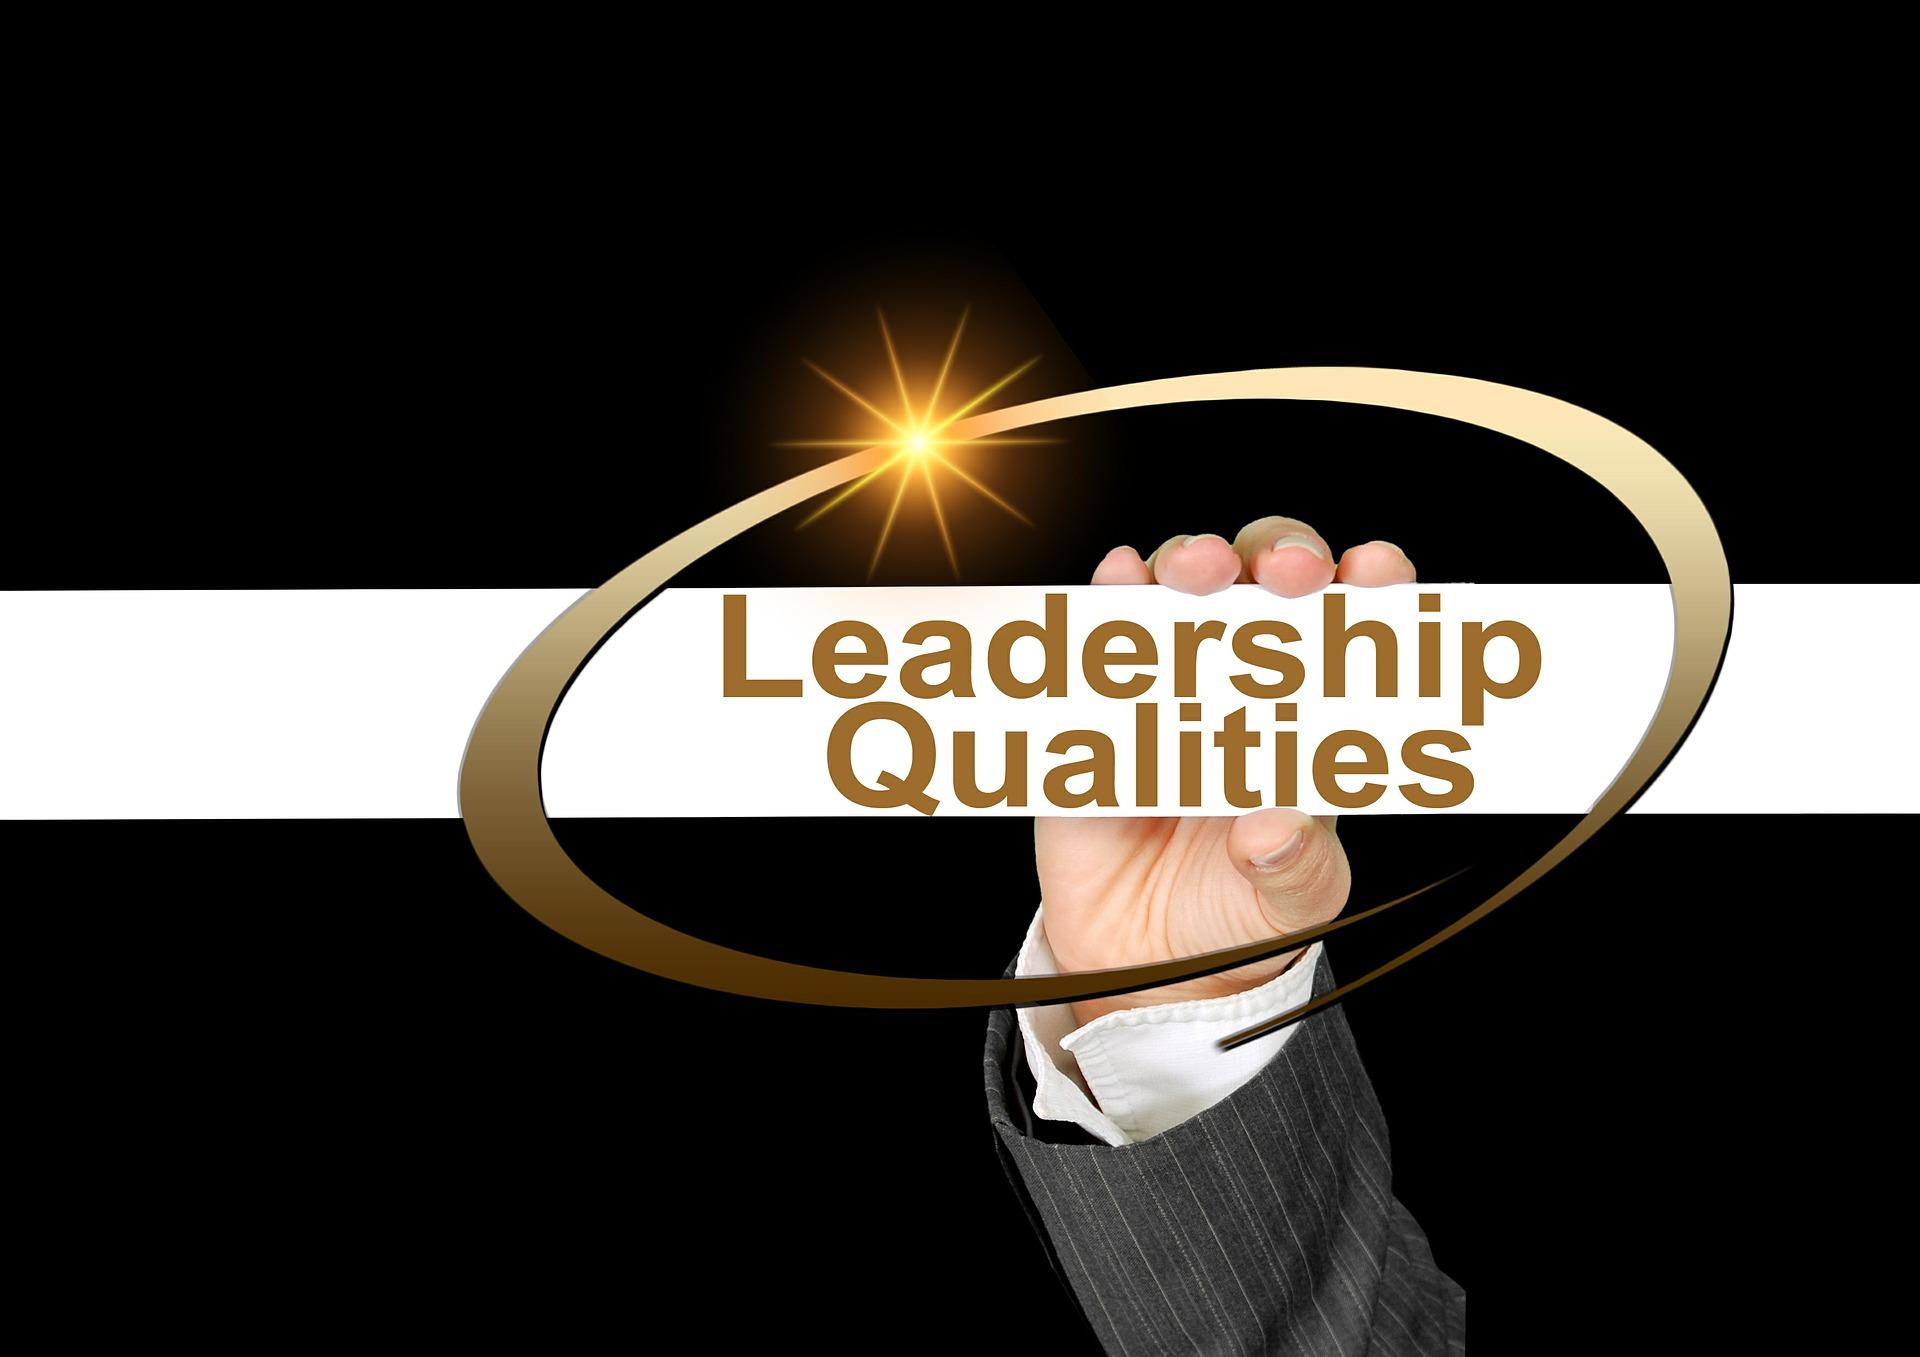 Las 10 habilidades más importantes para un líder